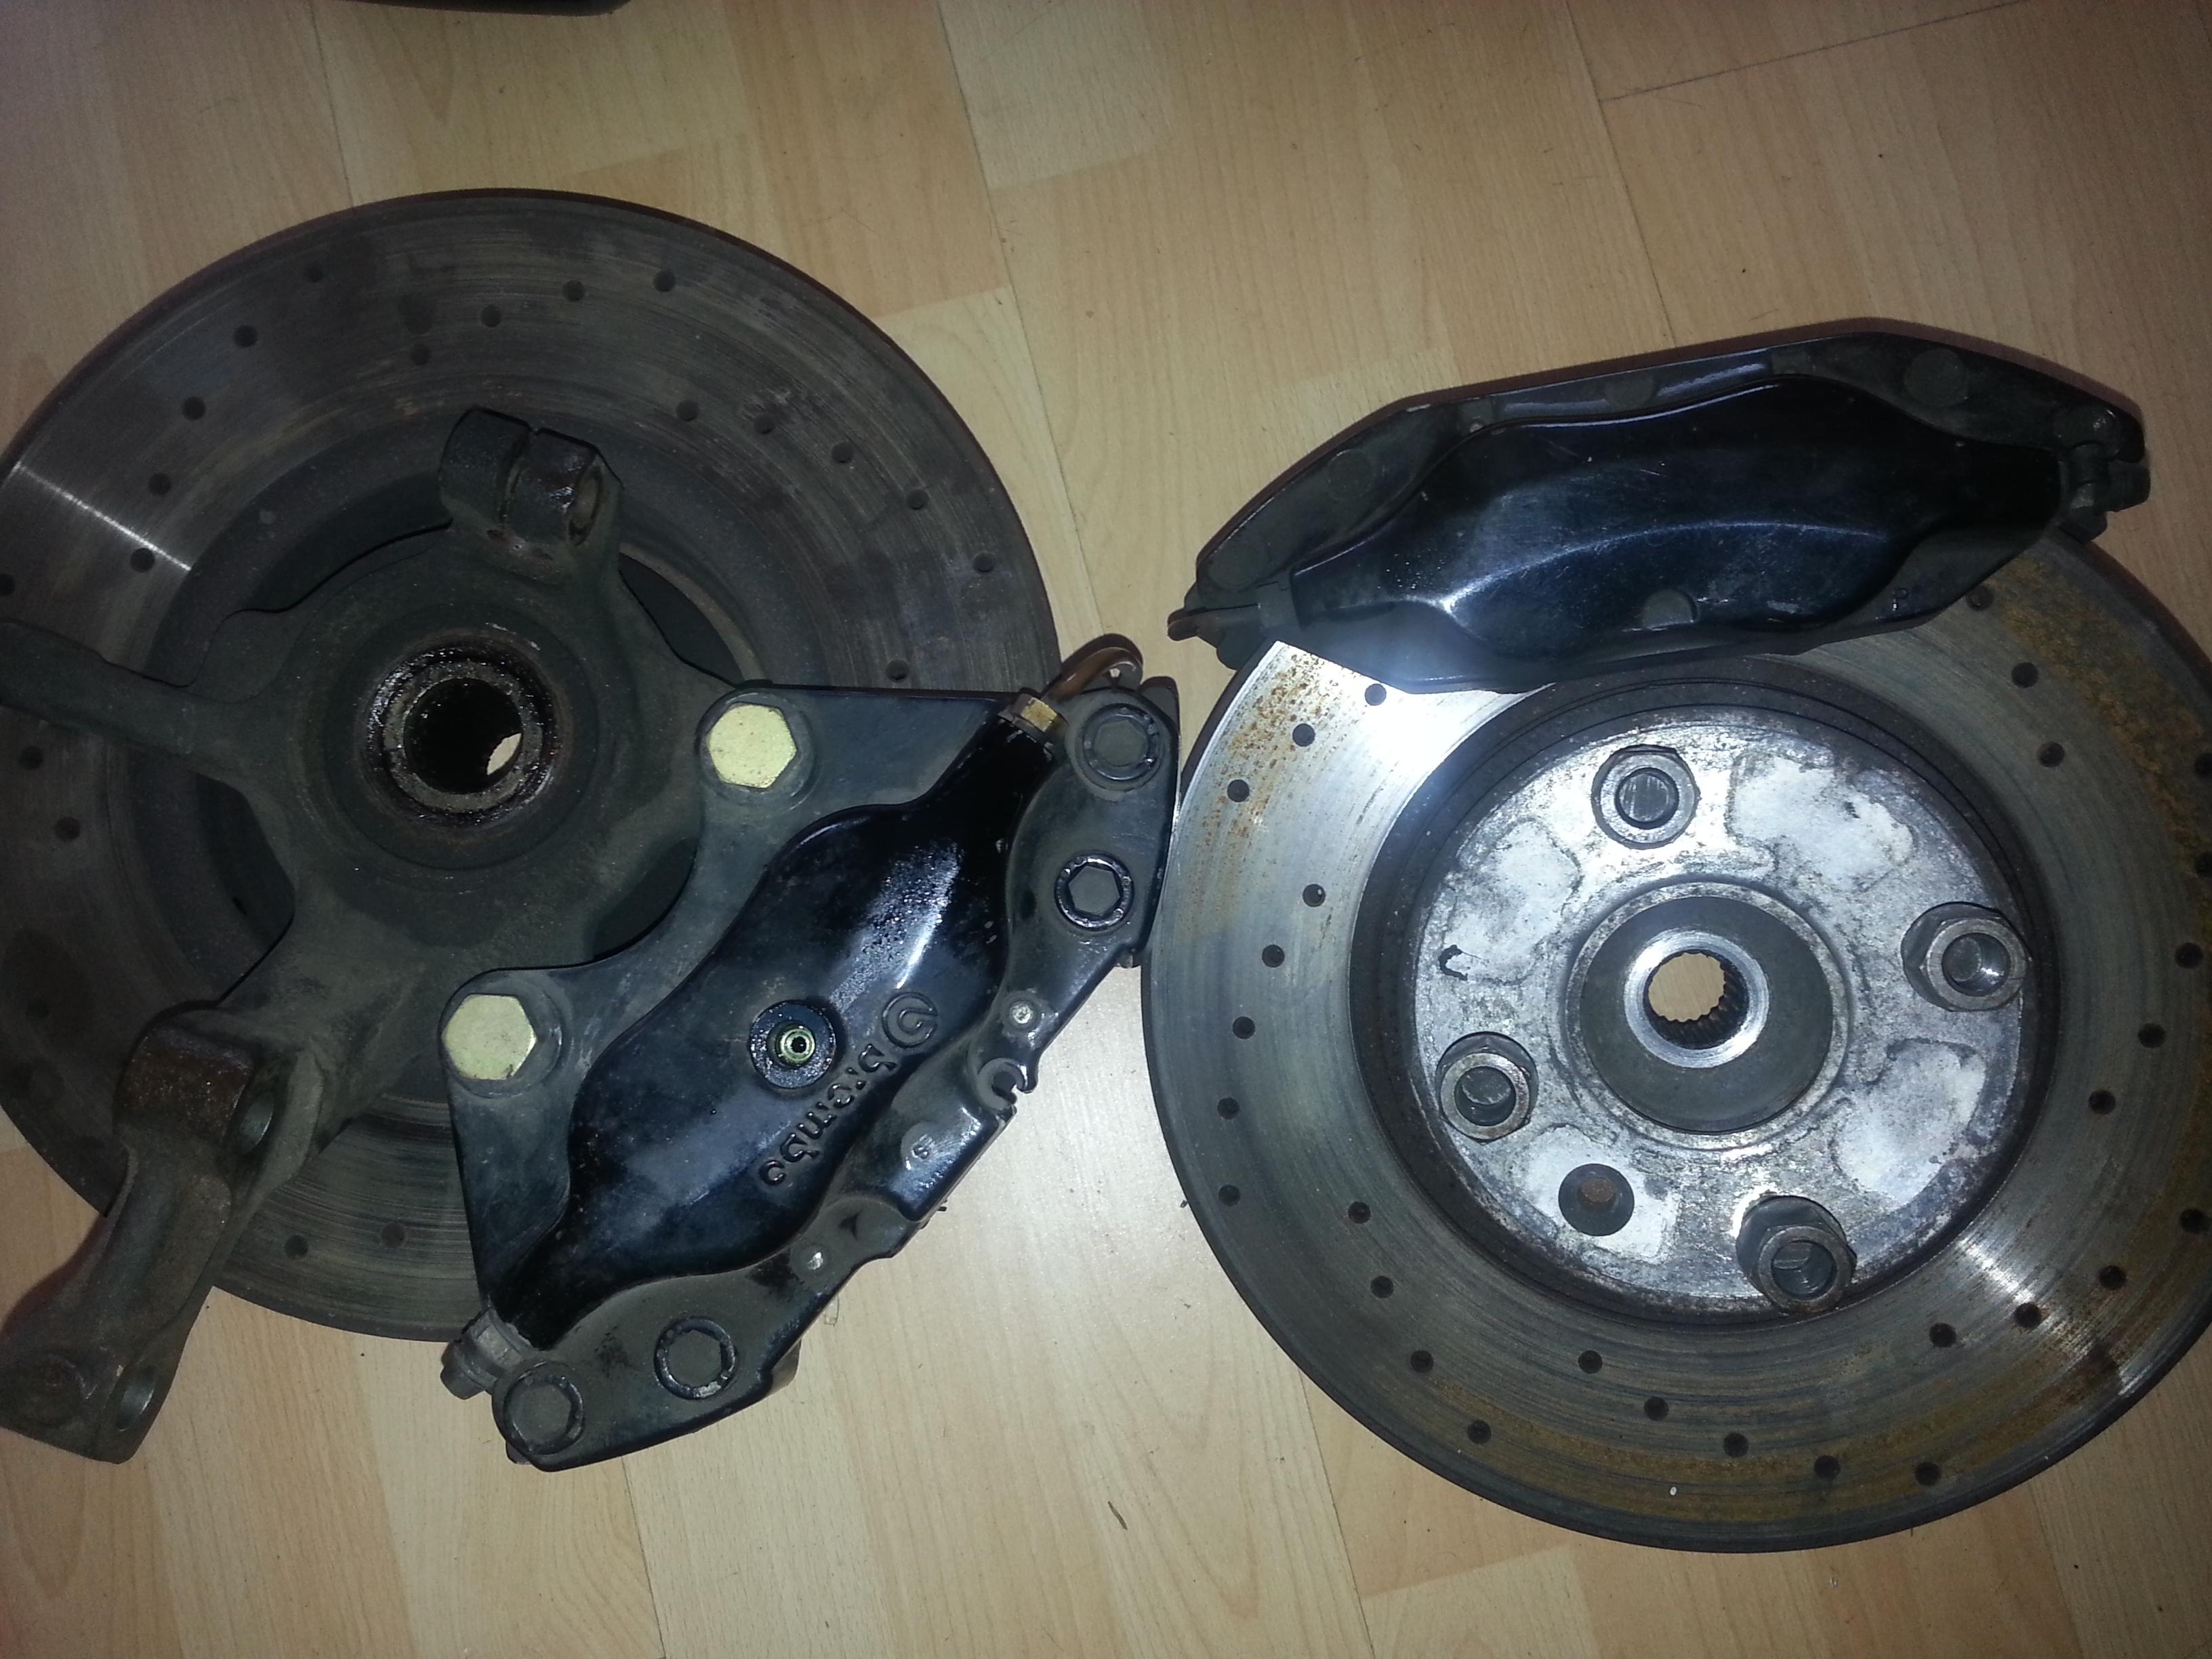 Ma R11 turbo 3 portes noire de 87 (injection) 16688120130530172452